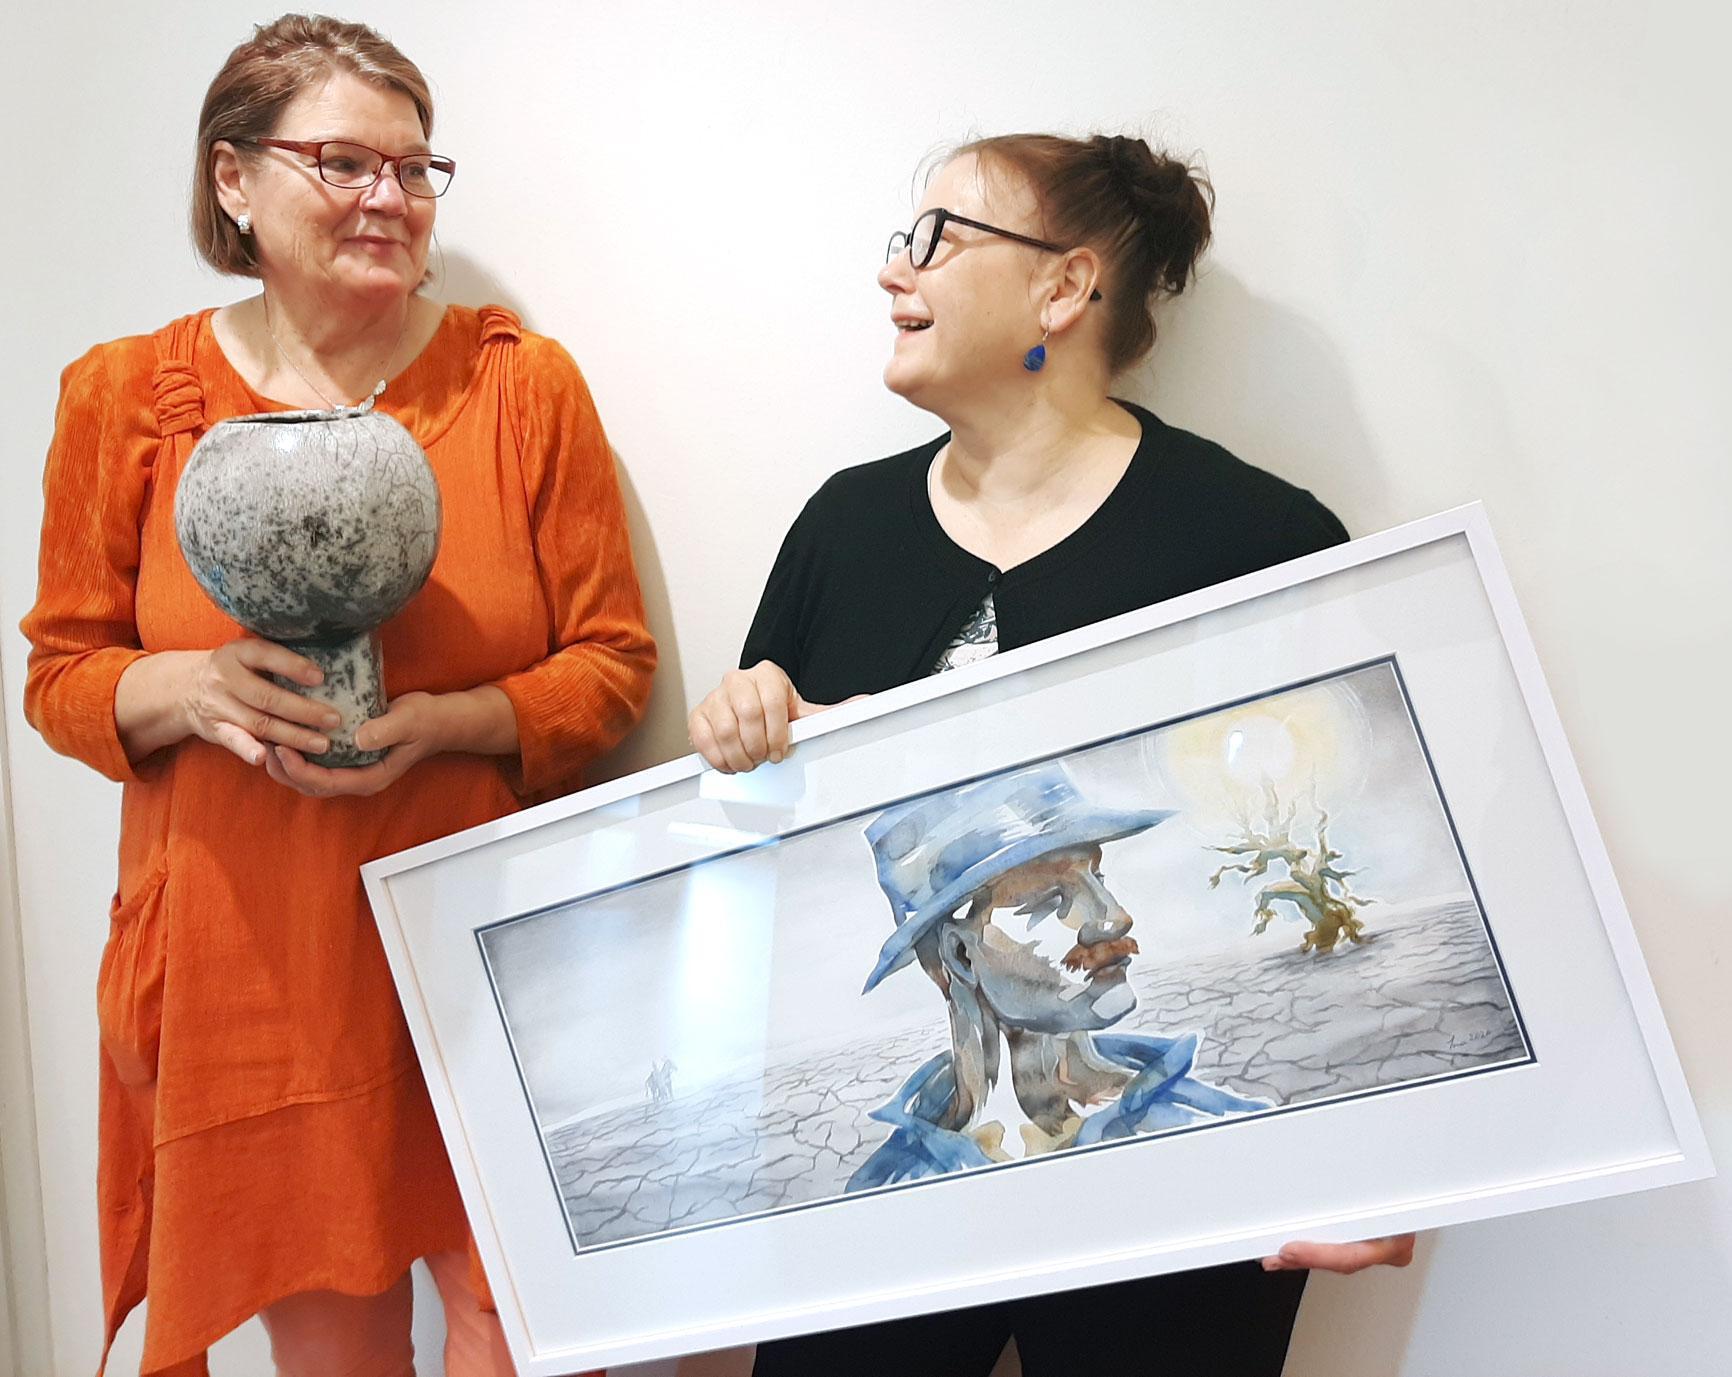 Liisa Turunen ja Ina Jaakkola sanovat olevansa sielunsiskoja. Turusella kädessään rakutekniikalla toteutettu Kehtolaulu-teos ja Ina Jaakkolalla Vääriä valintoja ja huonoja sattumia 1 -maalaus.